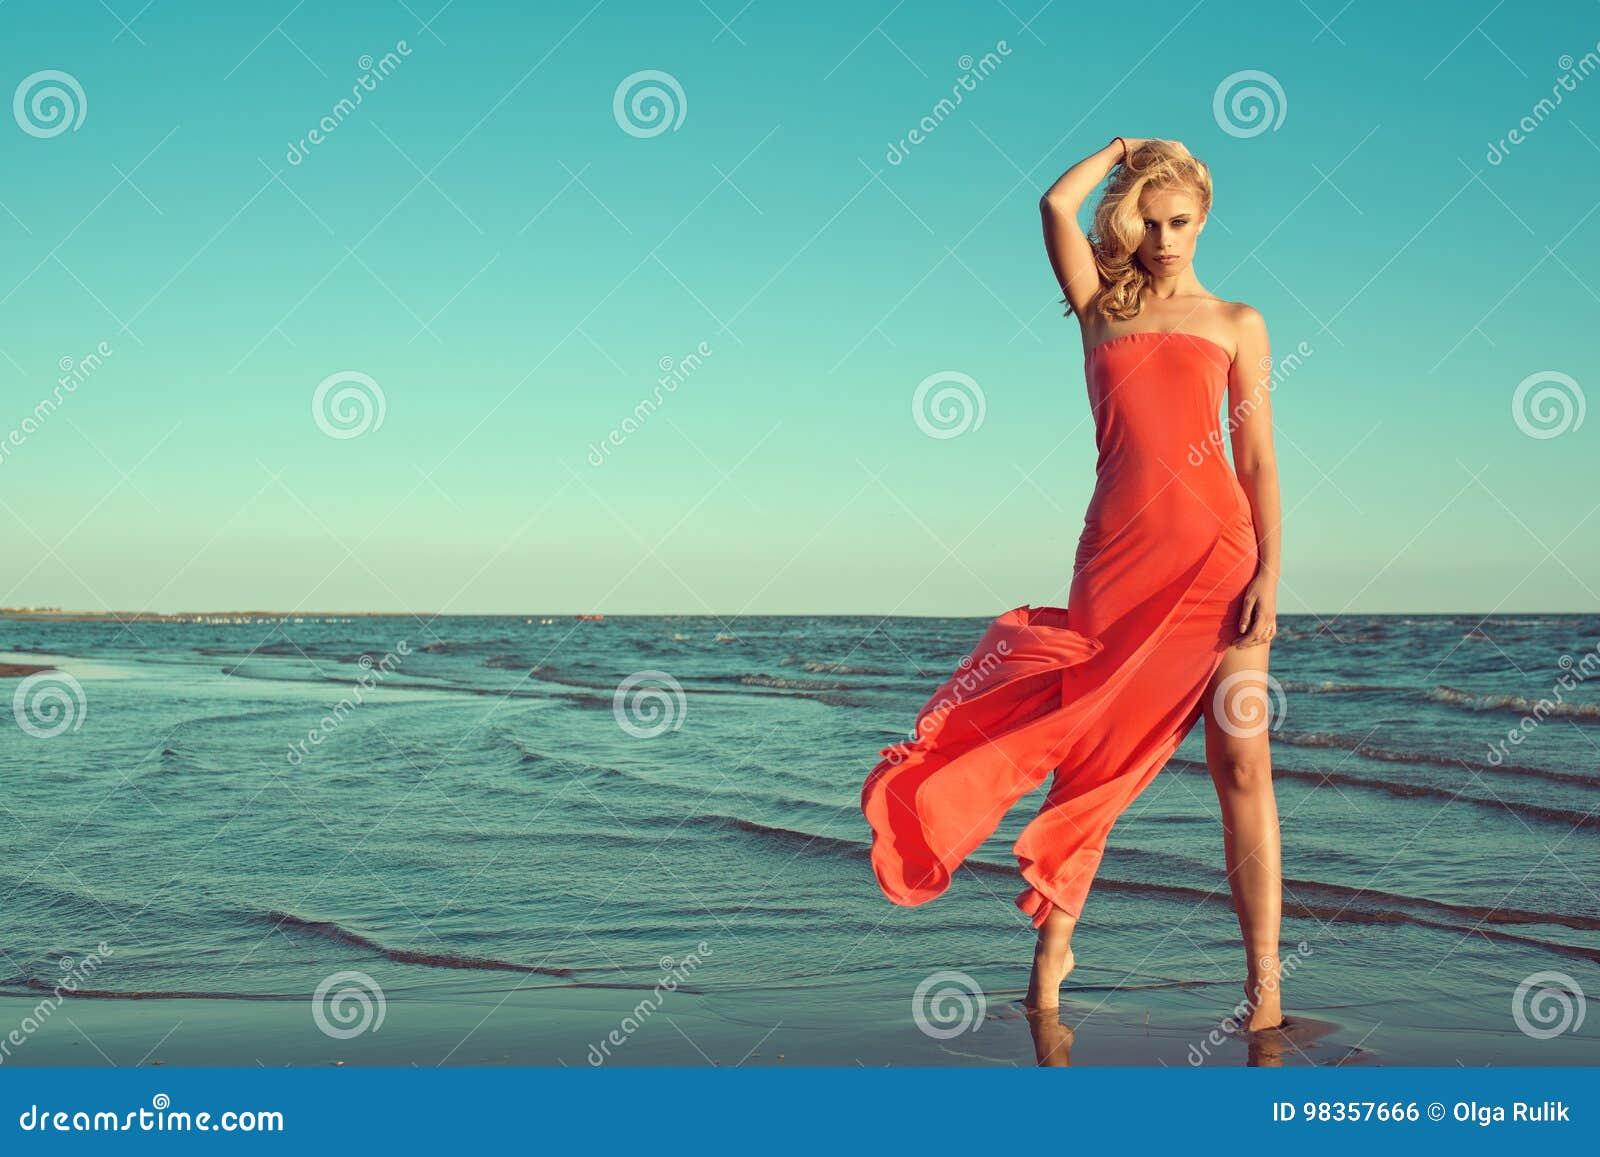 Modèle blond mince sexy magnifique dans la robe sans bretelles rouge avec le train de vol se tenant sur la pointe des pieds dans